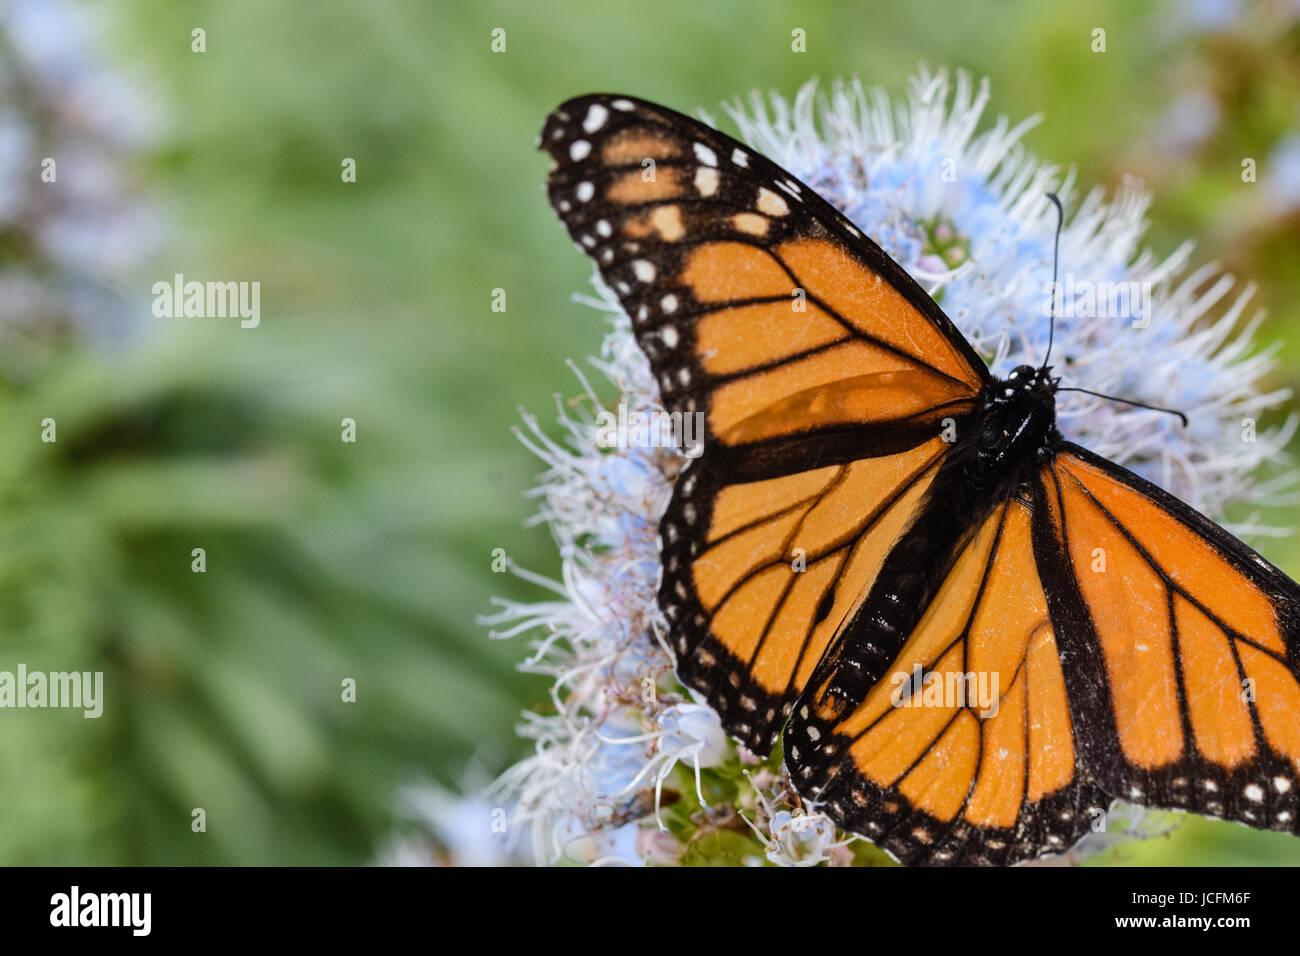 Gran mariposa monarca, recogiendo el néctar de las flores el polen de las flores de echium púrpura - Porto Santo, Madeira, Portugal Foto de stock